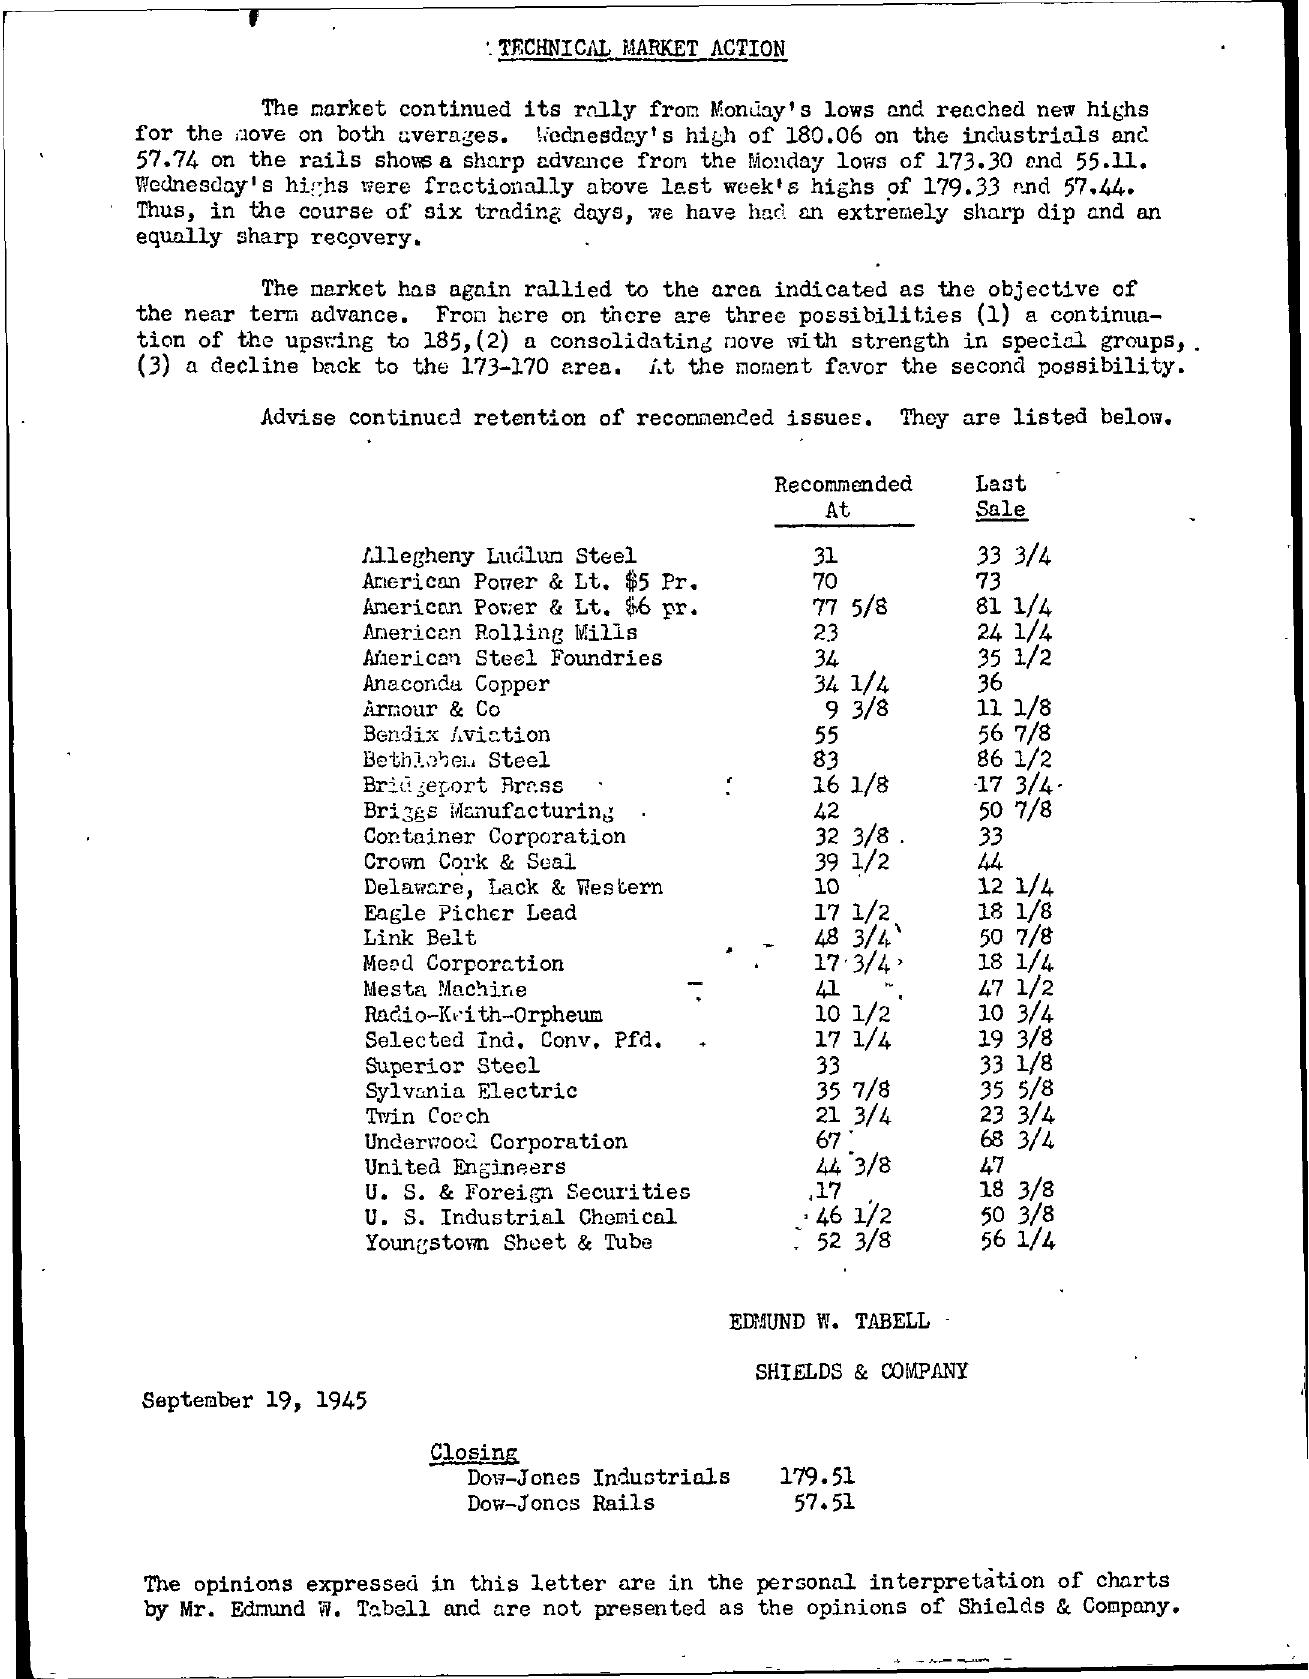 Tabell's Market Letter - September 19, 1945